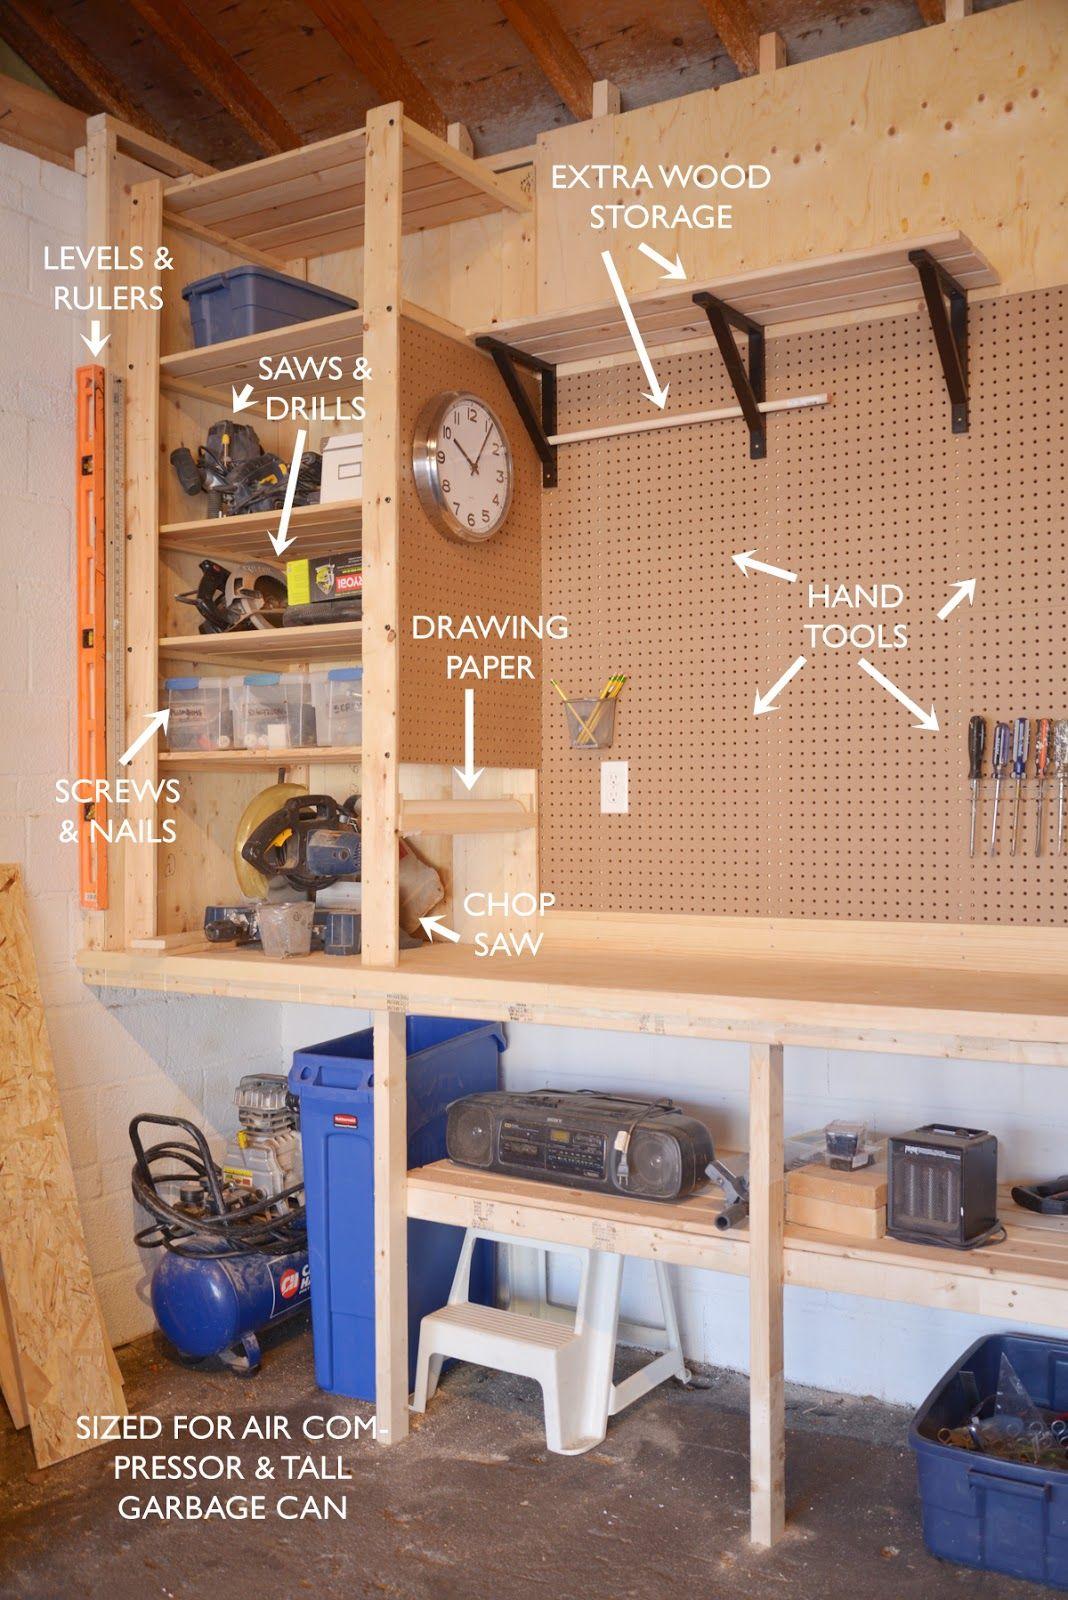 DIY Garage Storage ideas and Organization Tips Part II